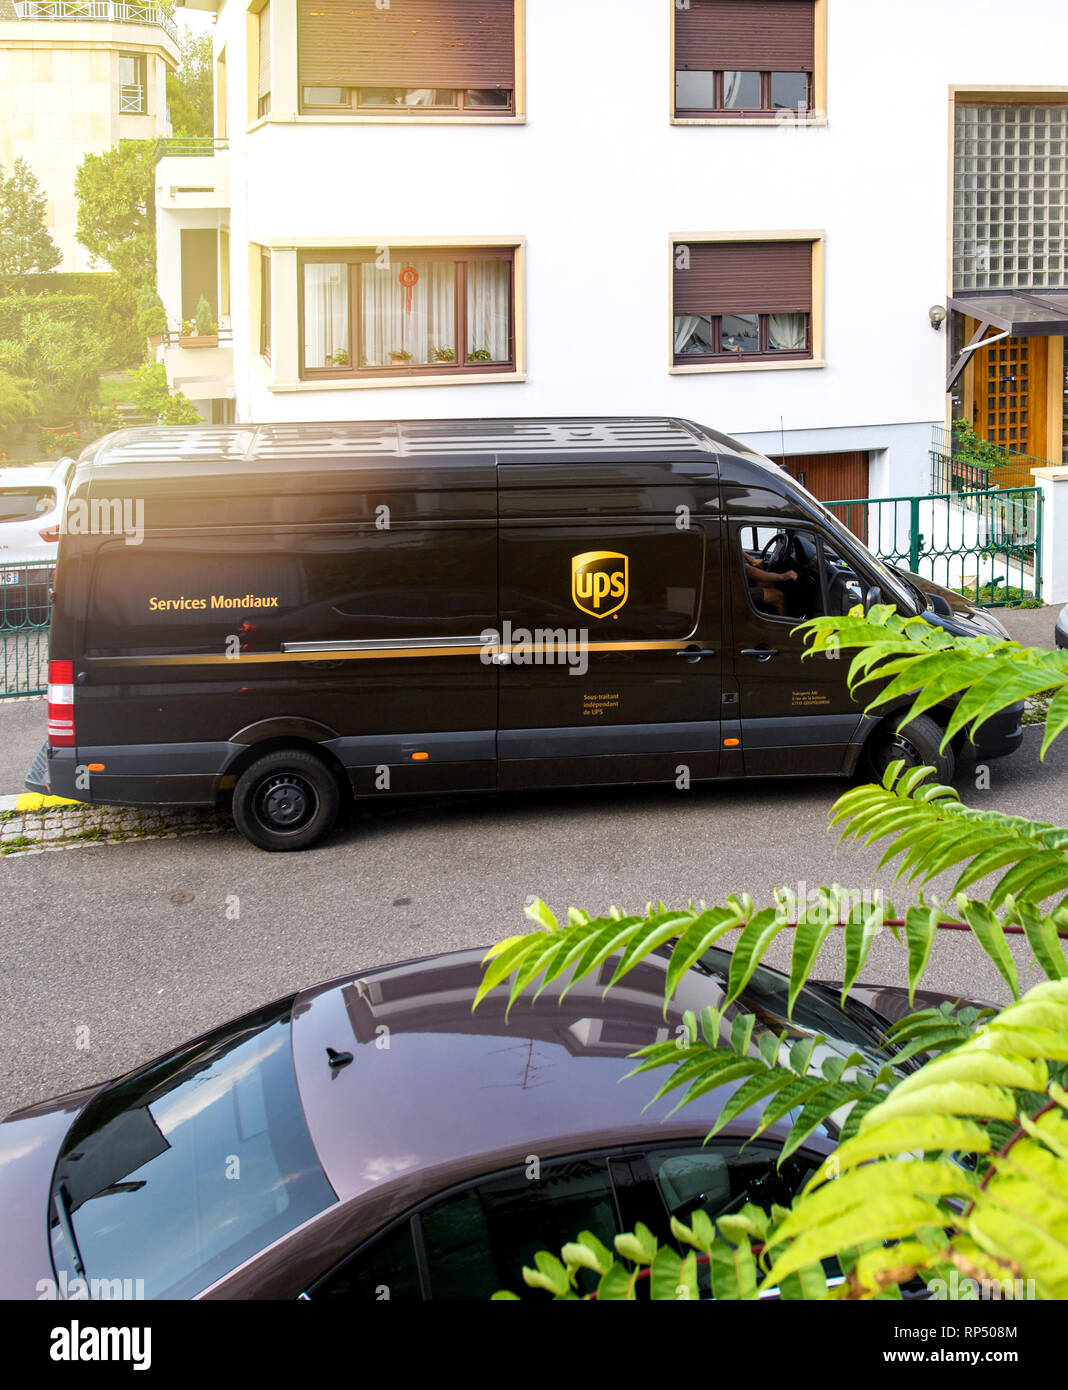 PARIS, FRANCE - Aug 24, 2017: la conduite de messagerie UPS United Parcel Service delivery van brown - élever vue d'une rue Française Photo Stock